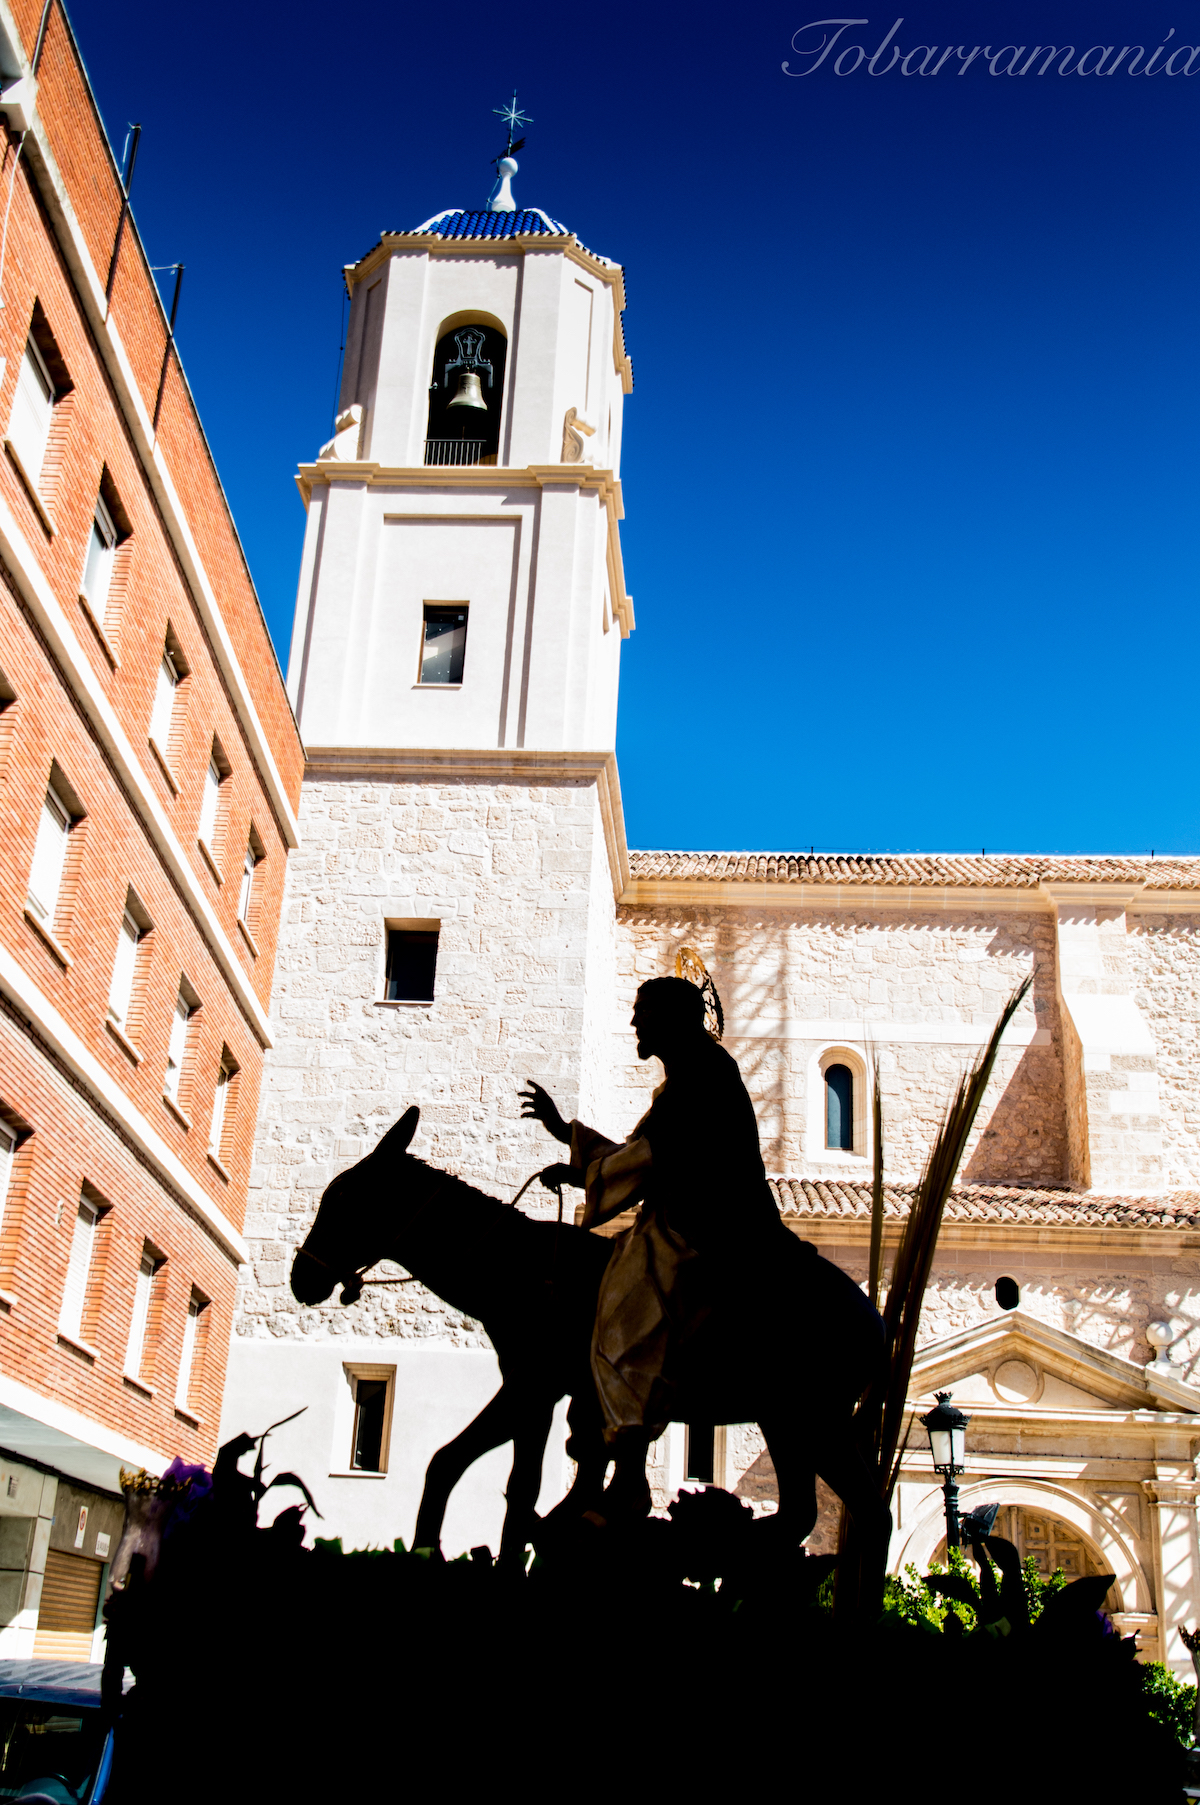 Burrica pasando por la Asunción Tobarra Domingo de Ramos